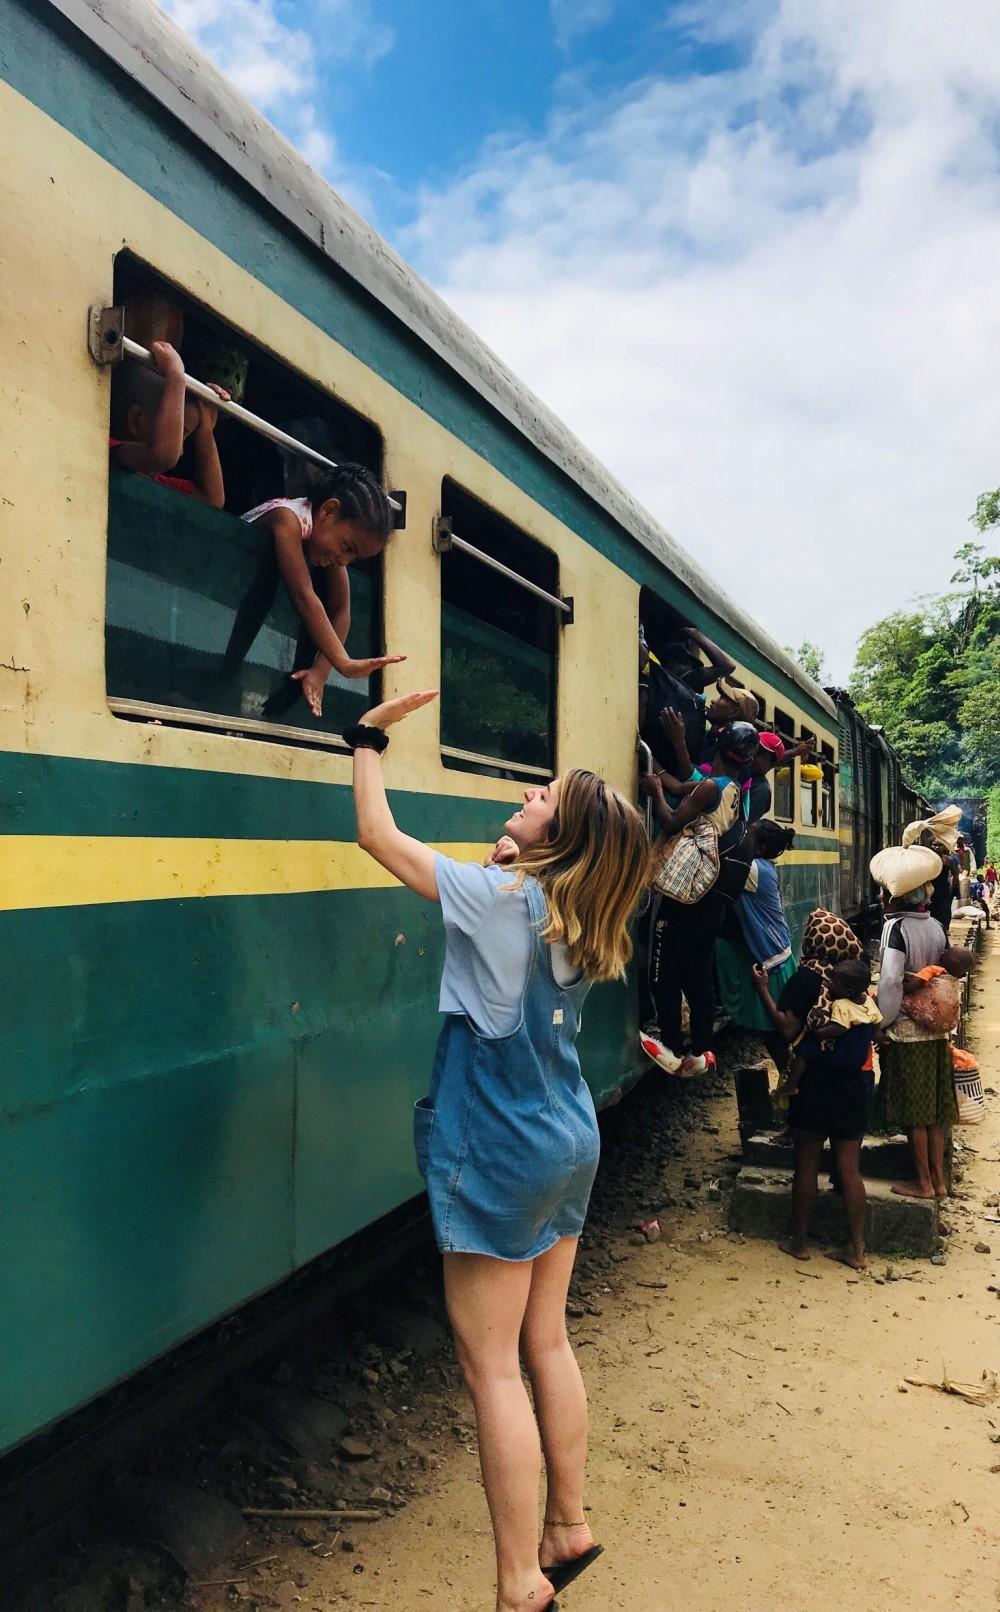 Unvergessliche Reise: Begegnungen am Zug von Schweizern und Madagassen © PREVIDOLI